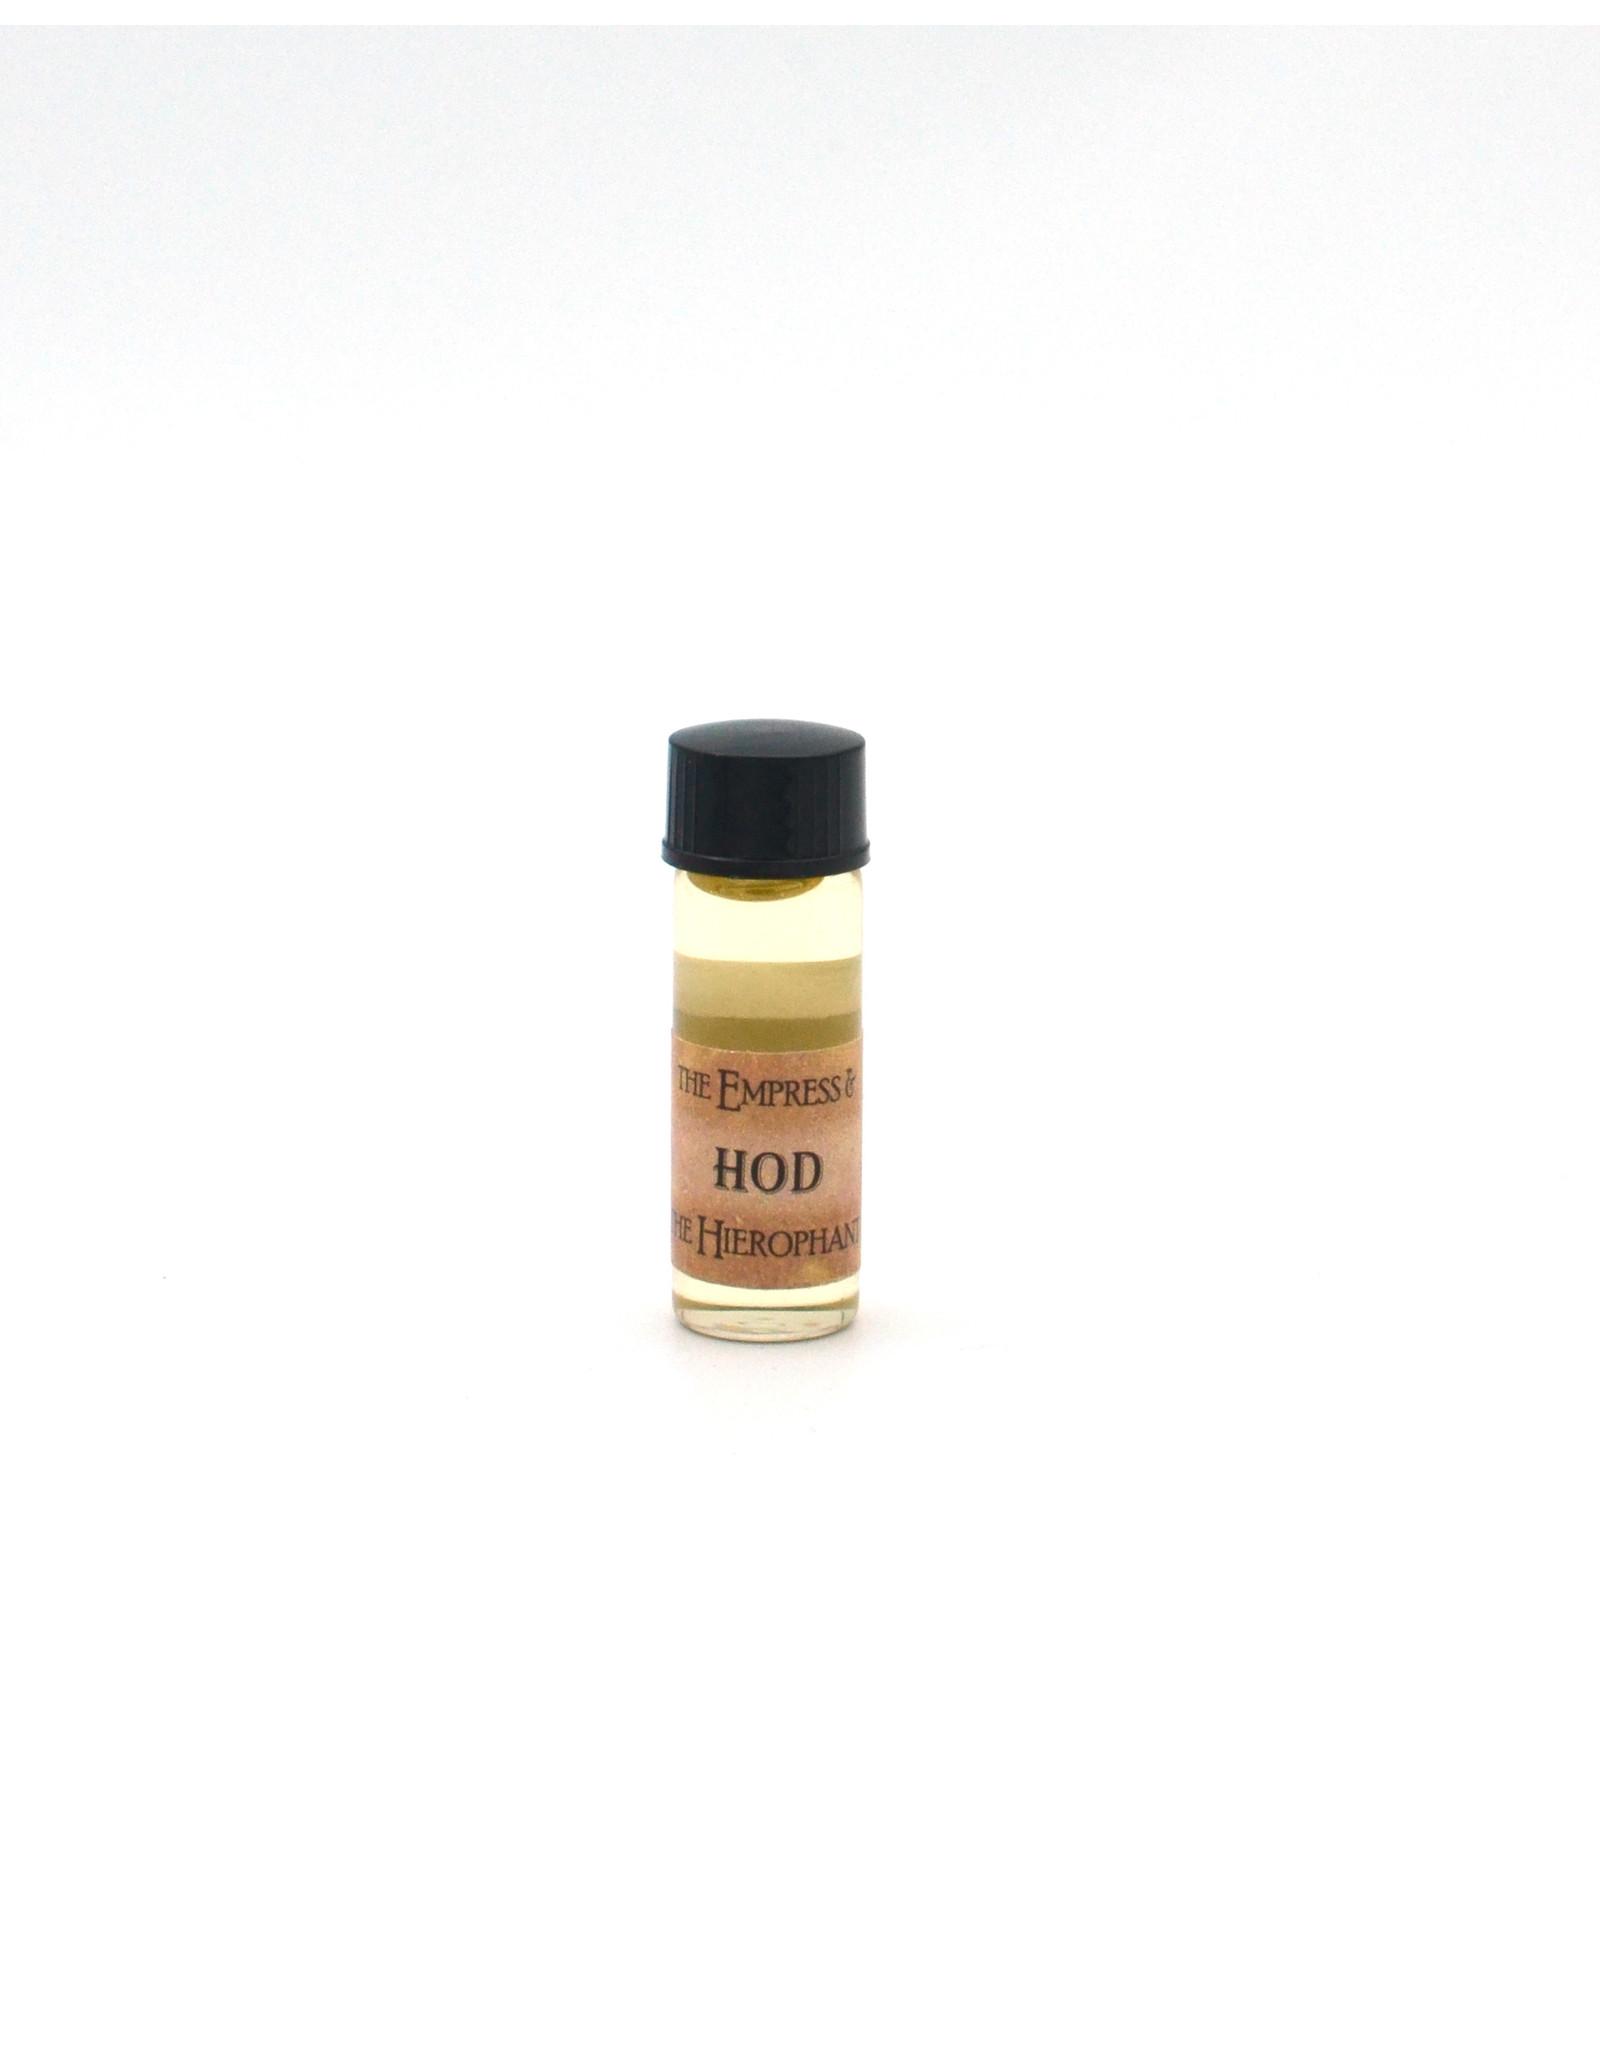 Hod Magickal Oil 1 Dram Bottle